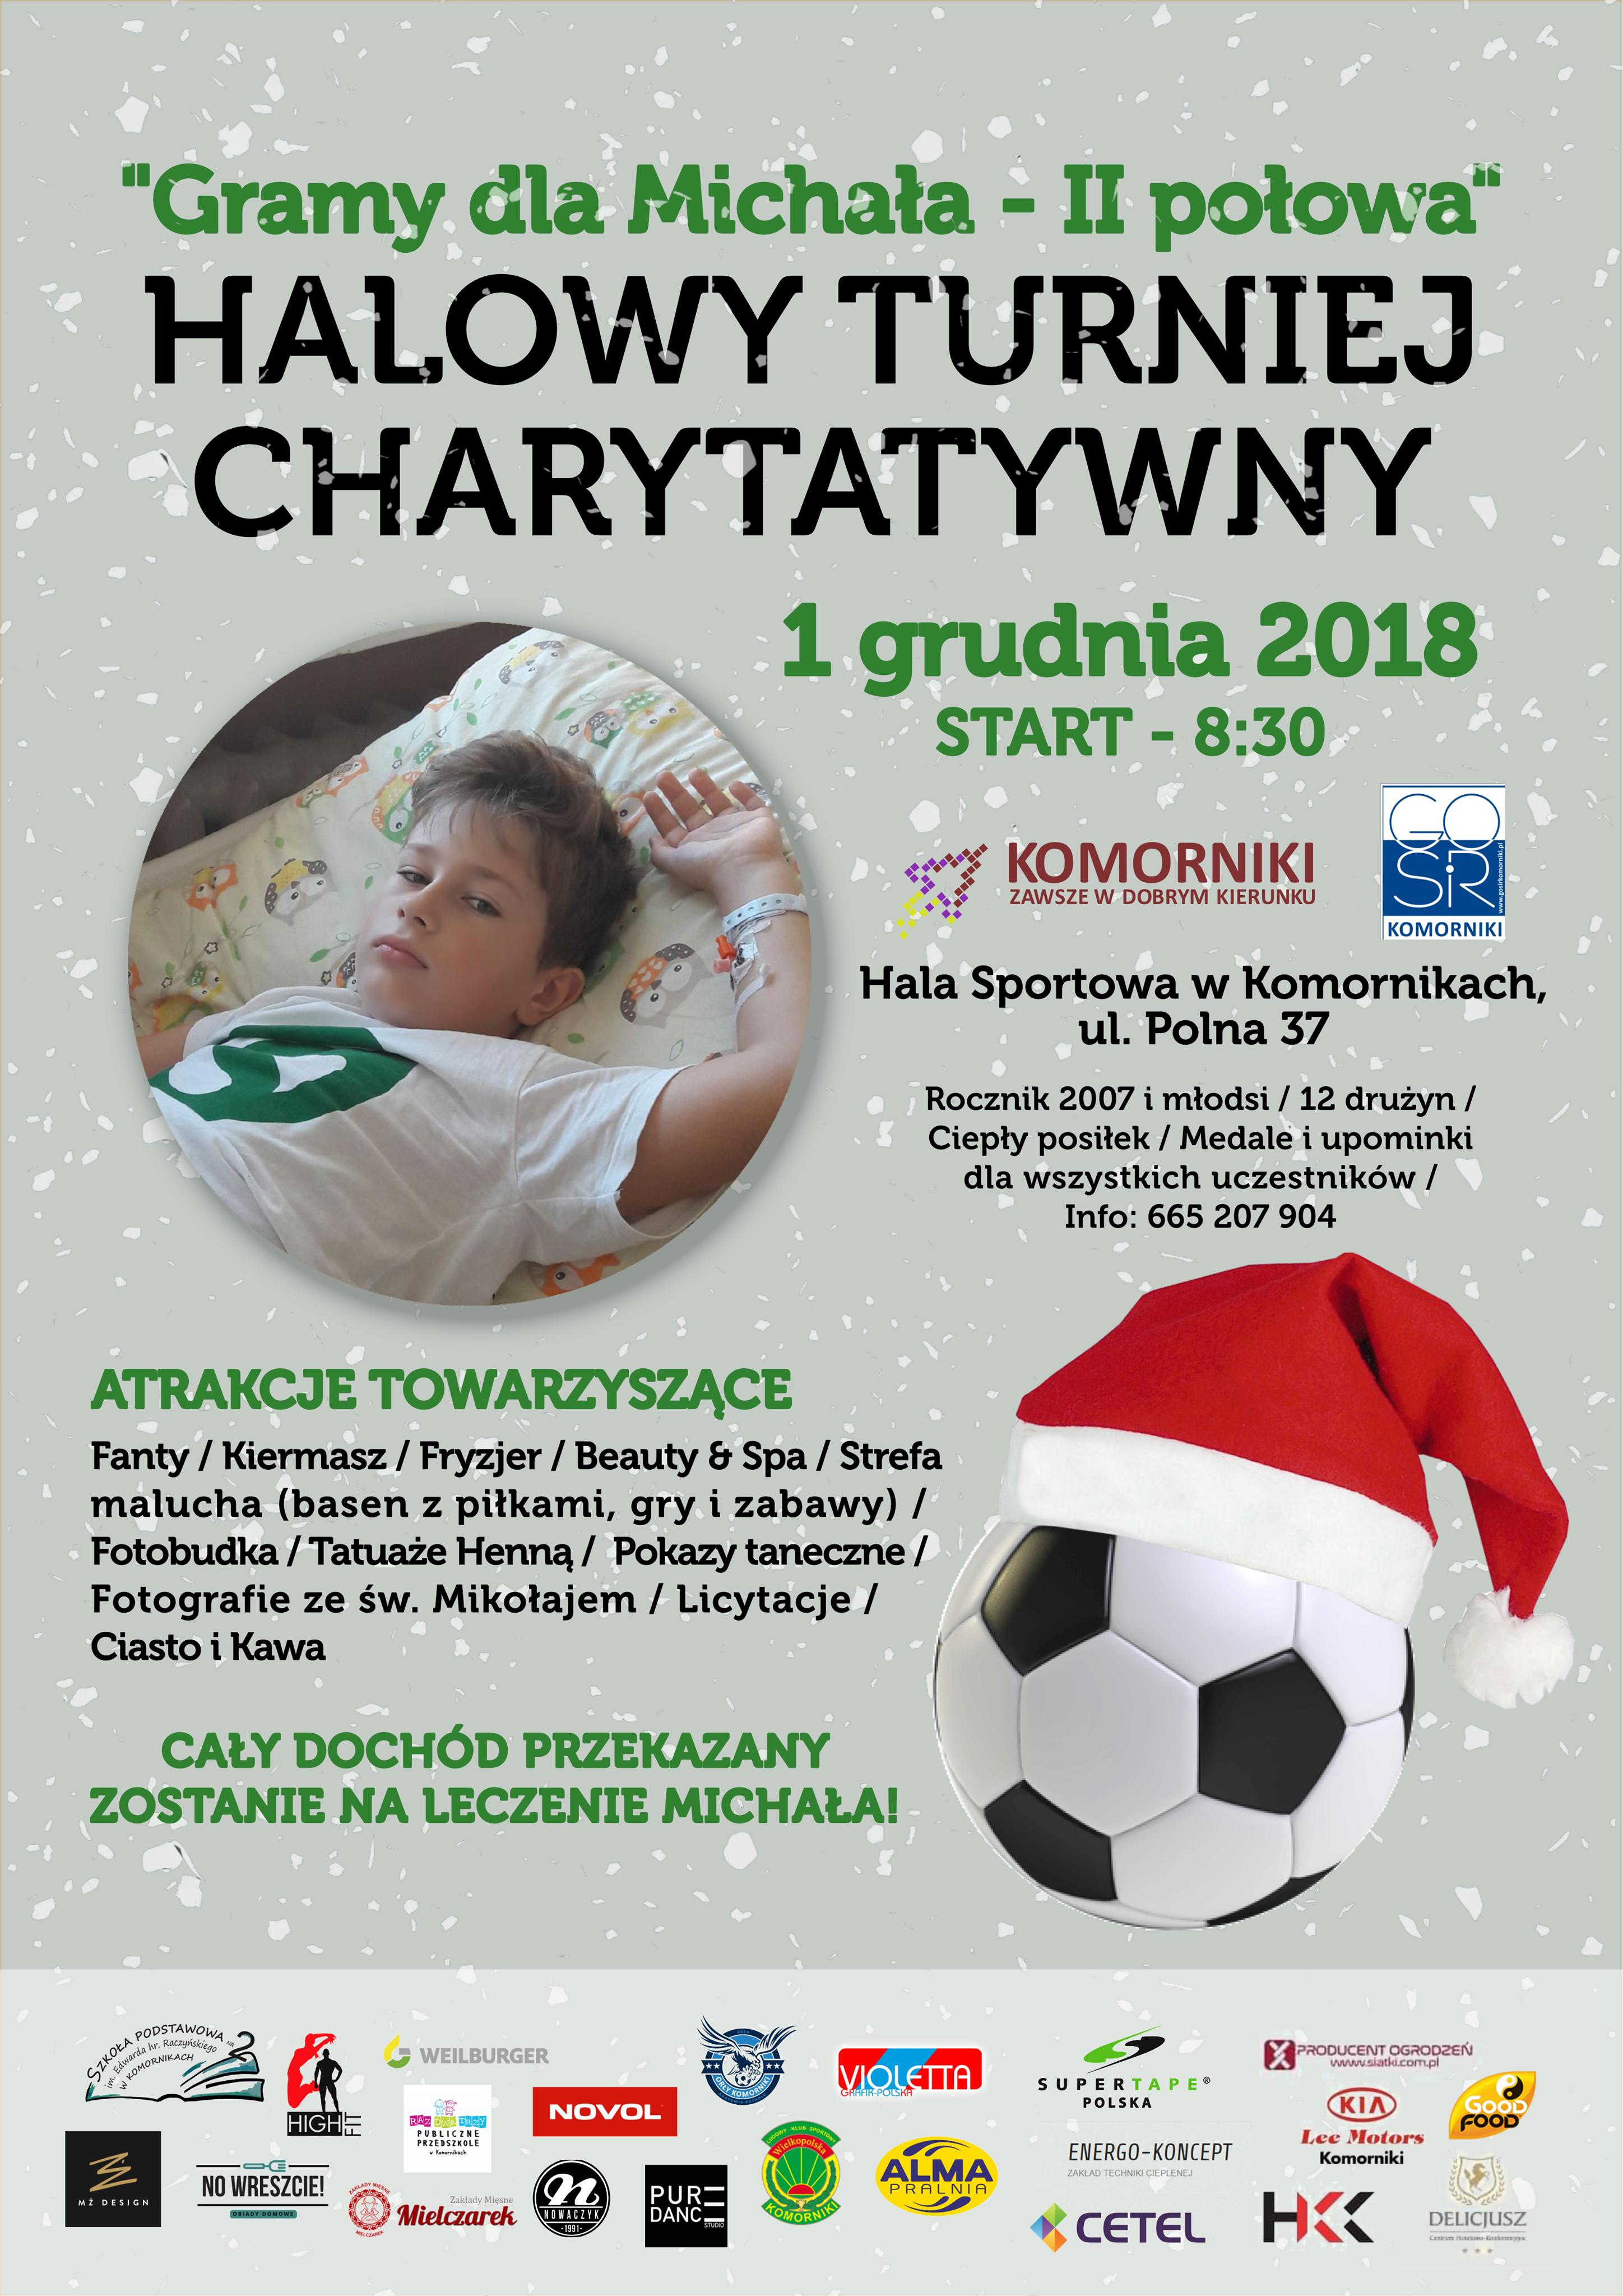 Turniej Charytatywny Powiat Poznański